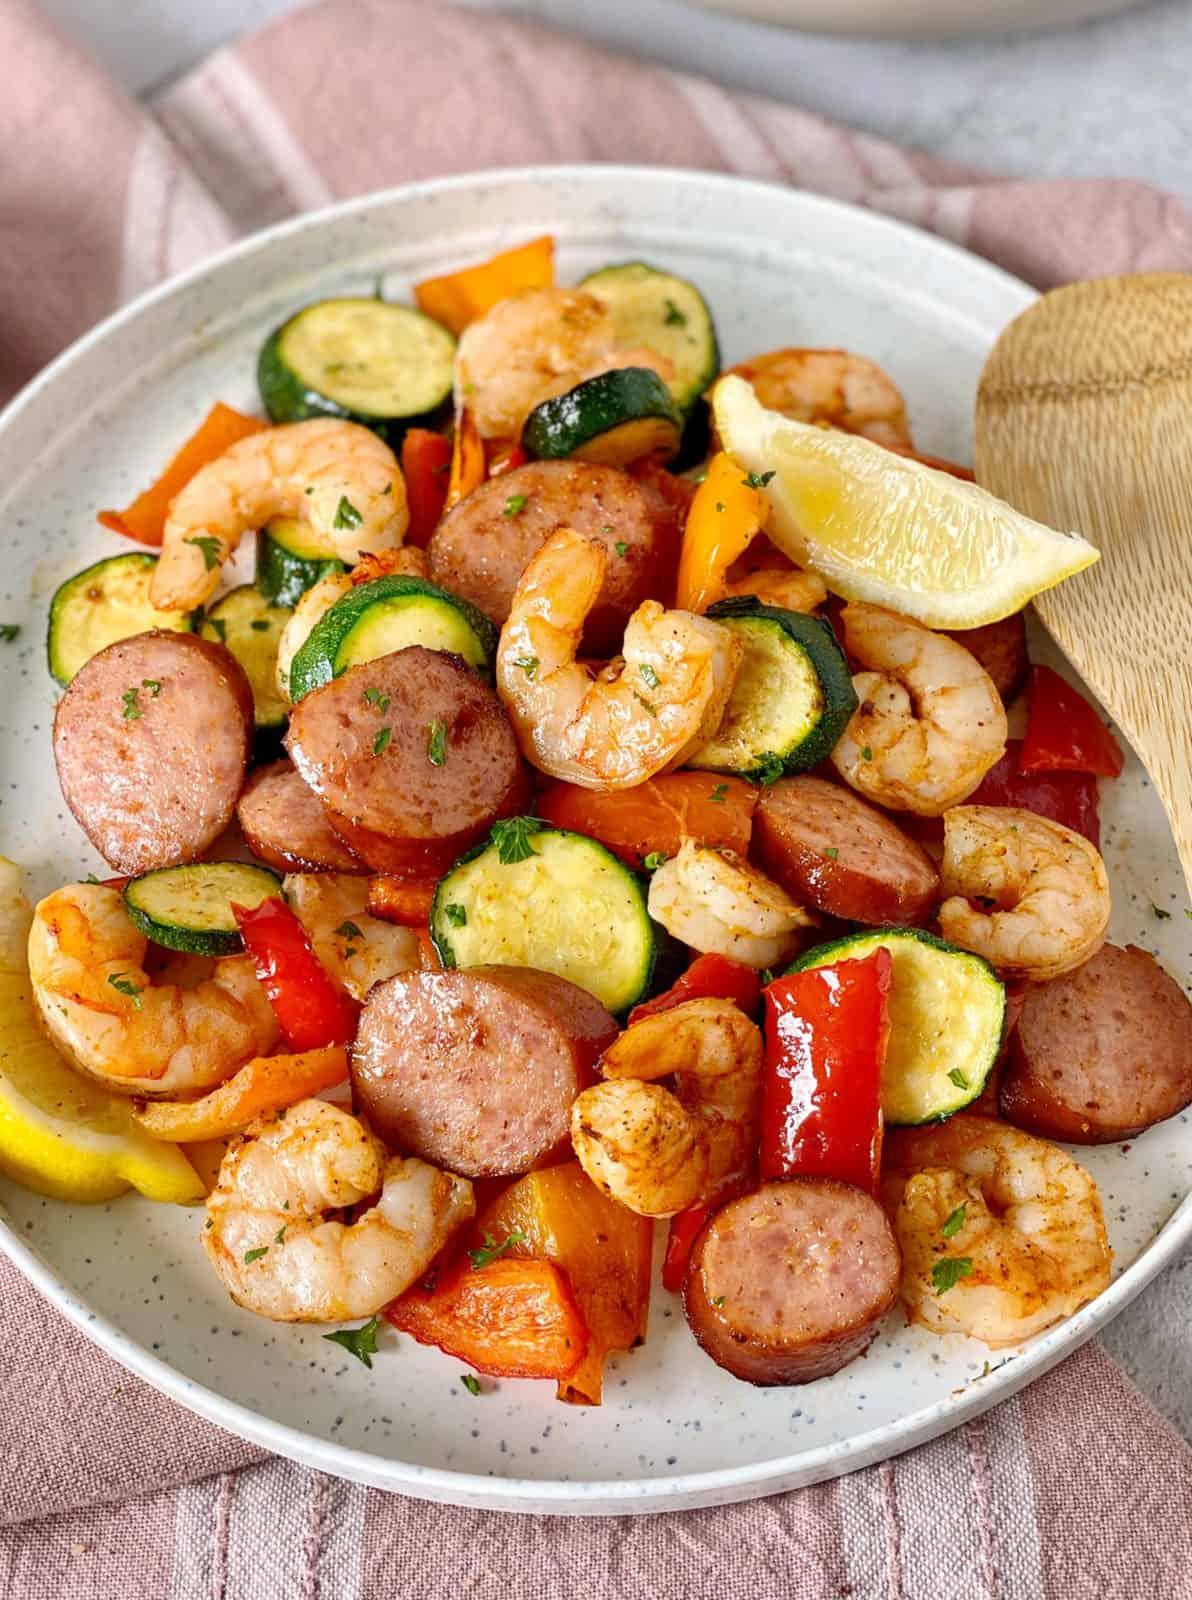 bowl of cajun shrimp and veggies with sausage